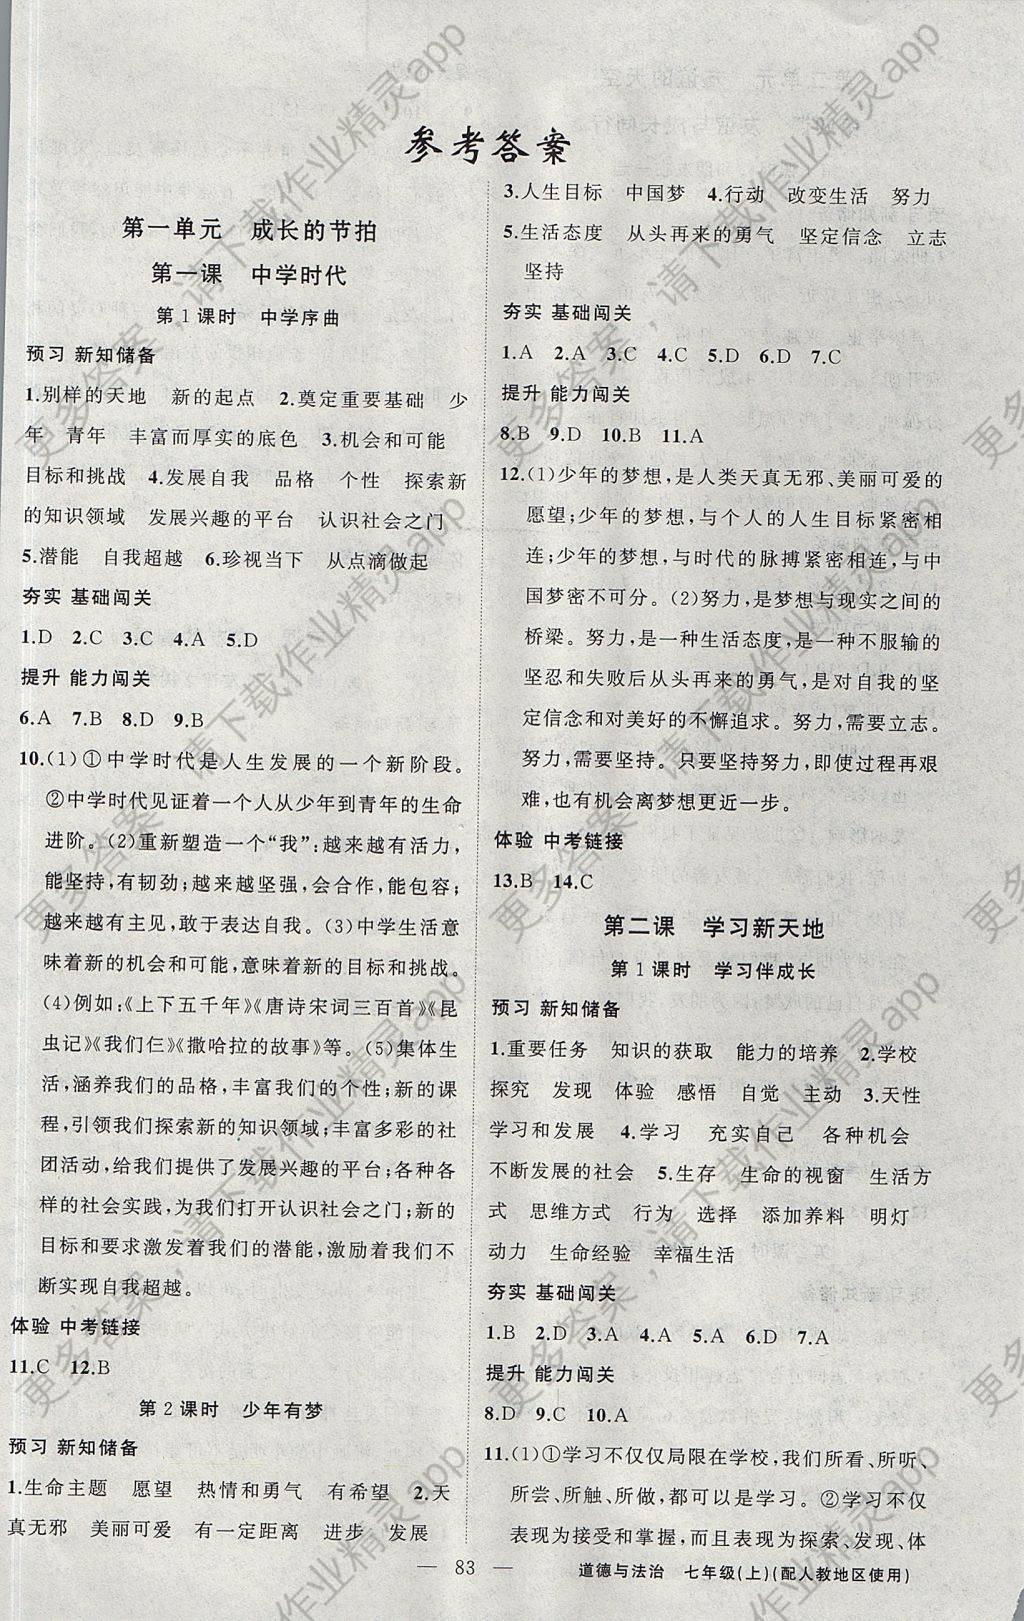 2017年黄冈100分闯关七年级道德与法治上册人教版 参考答案